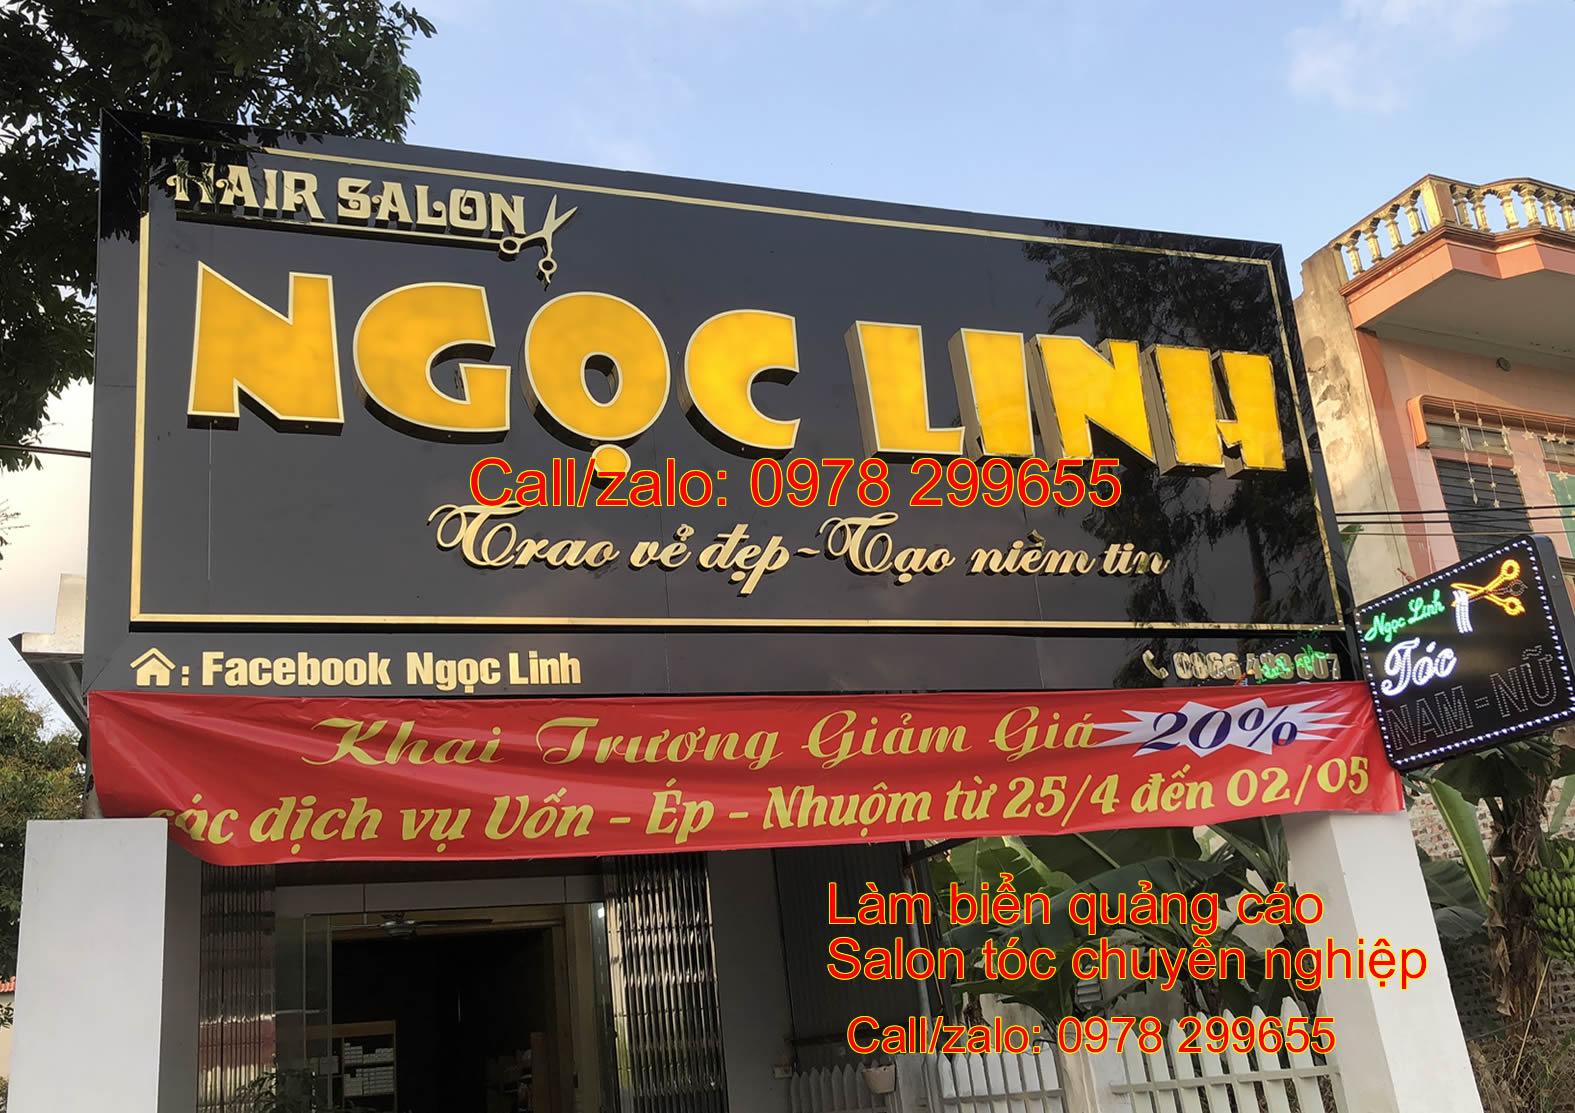 Biển quảng cáo salon tóc xinh